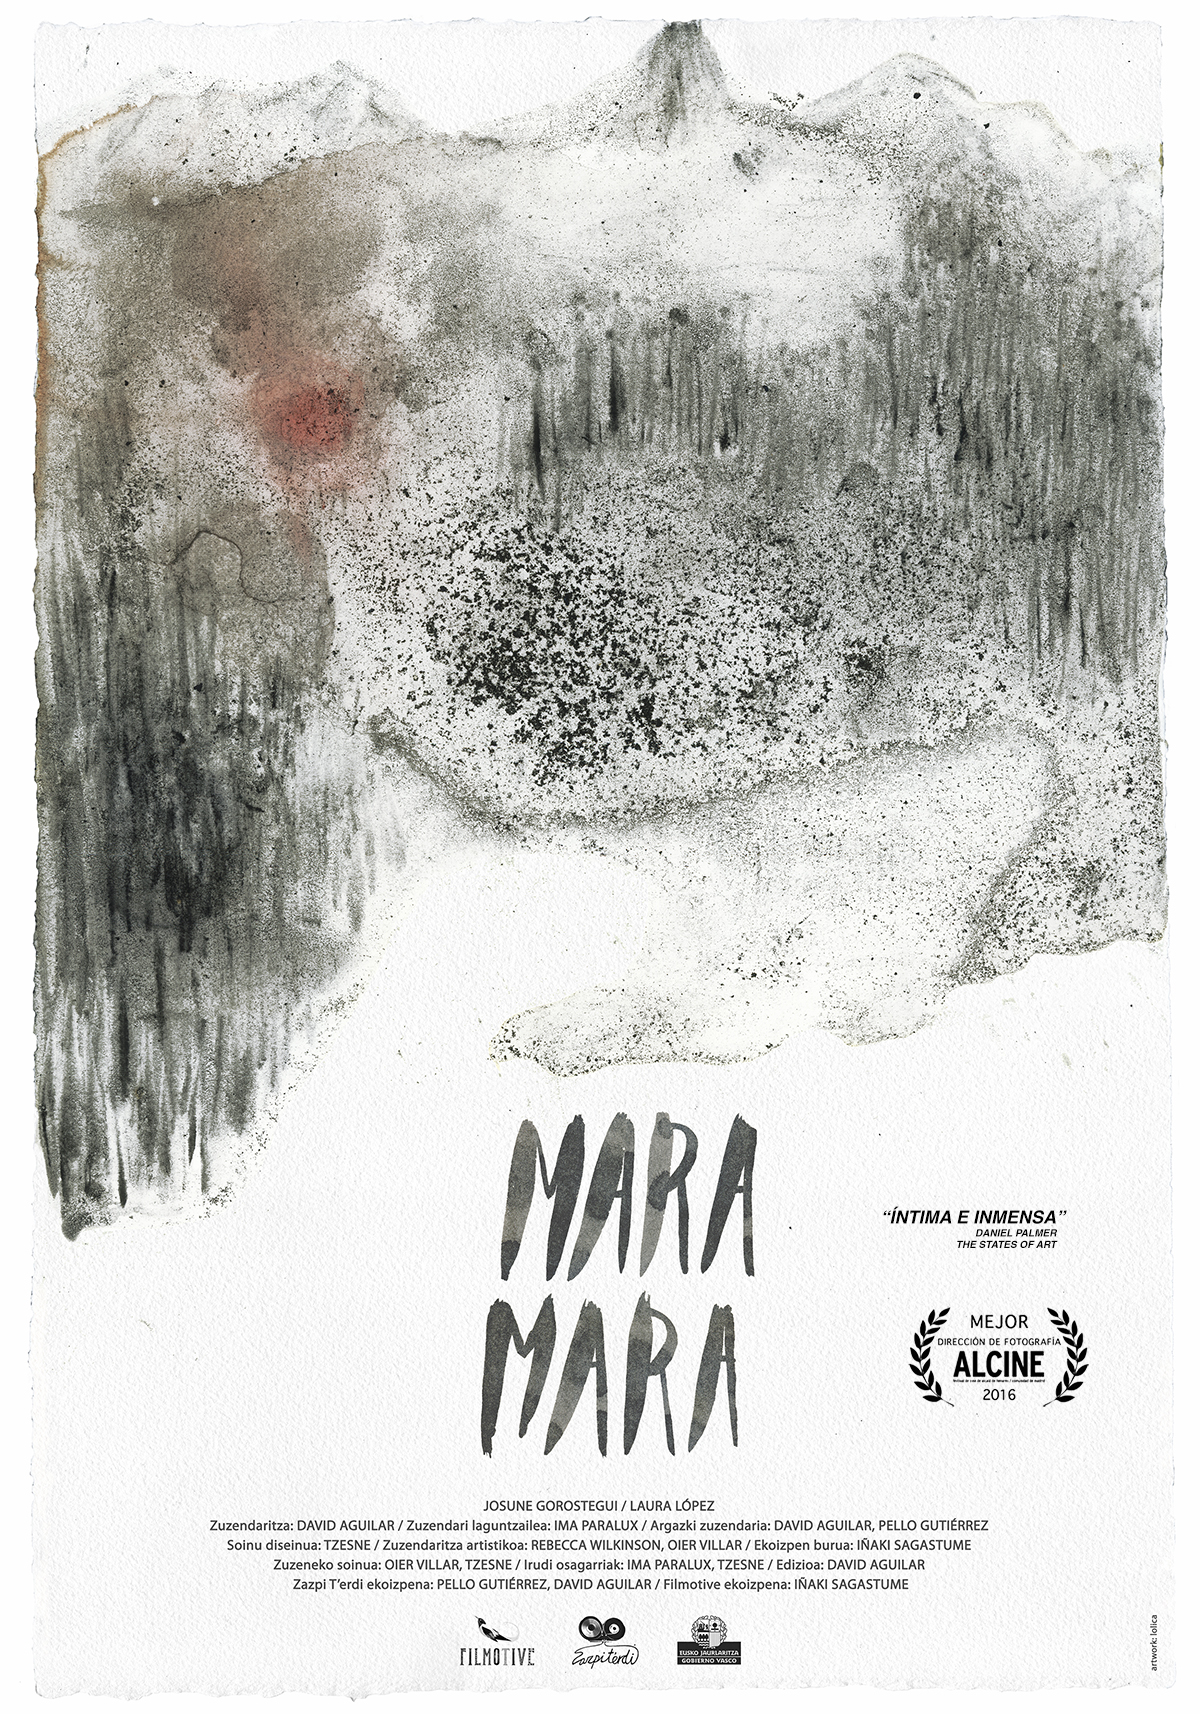 Mara mara